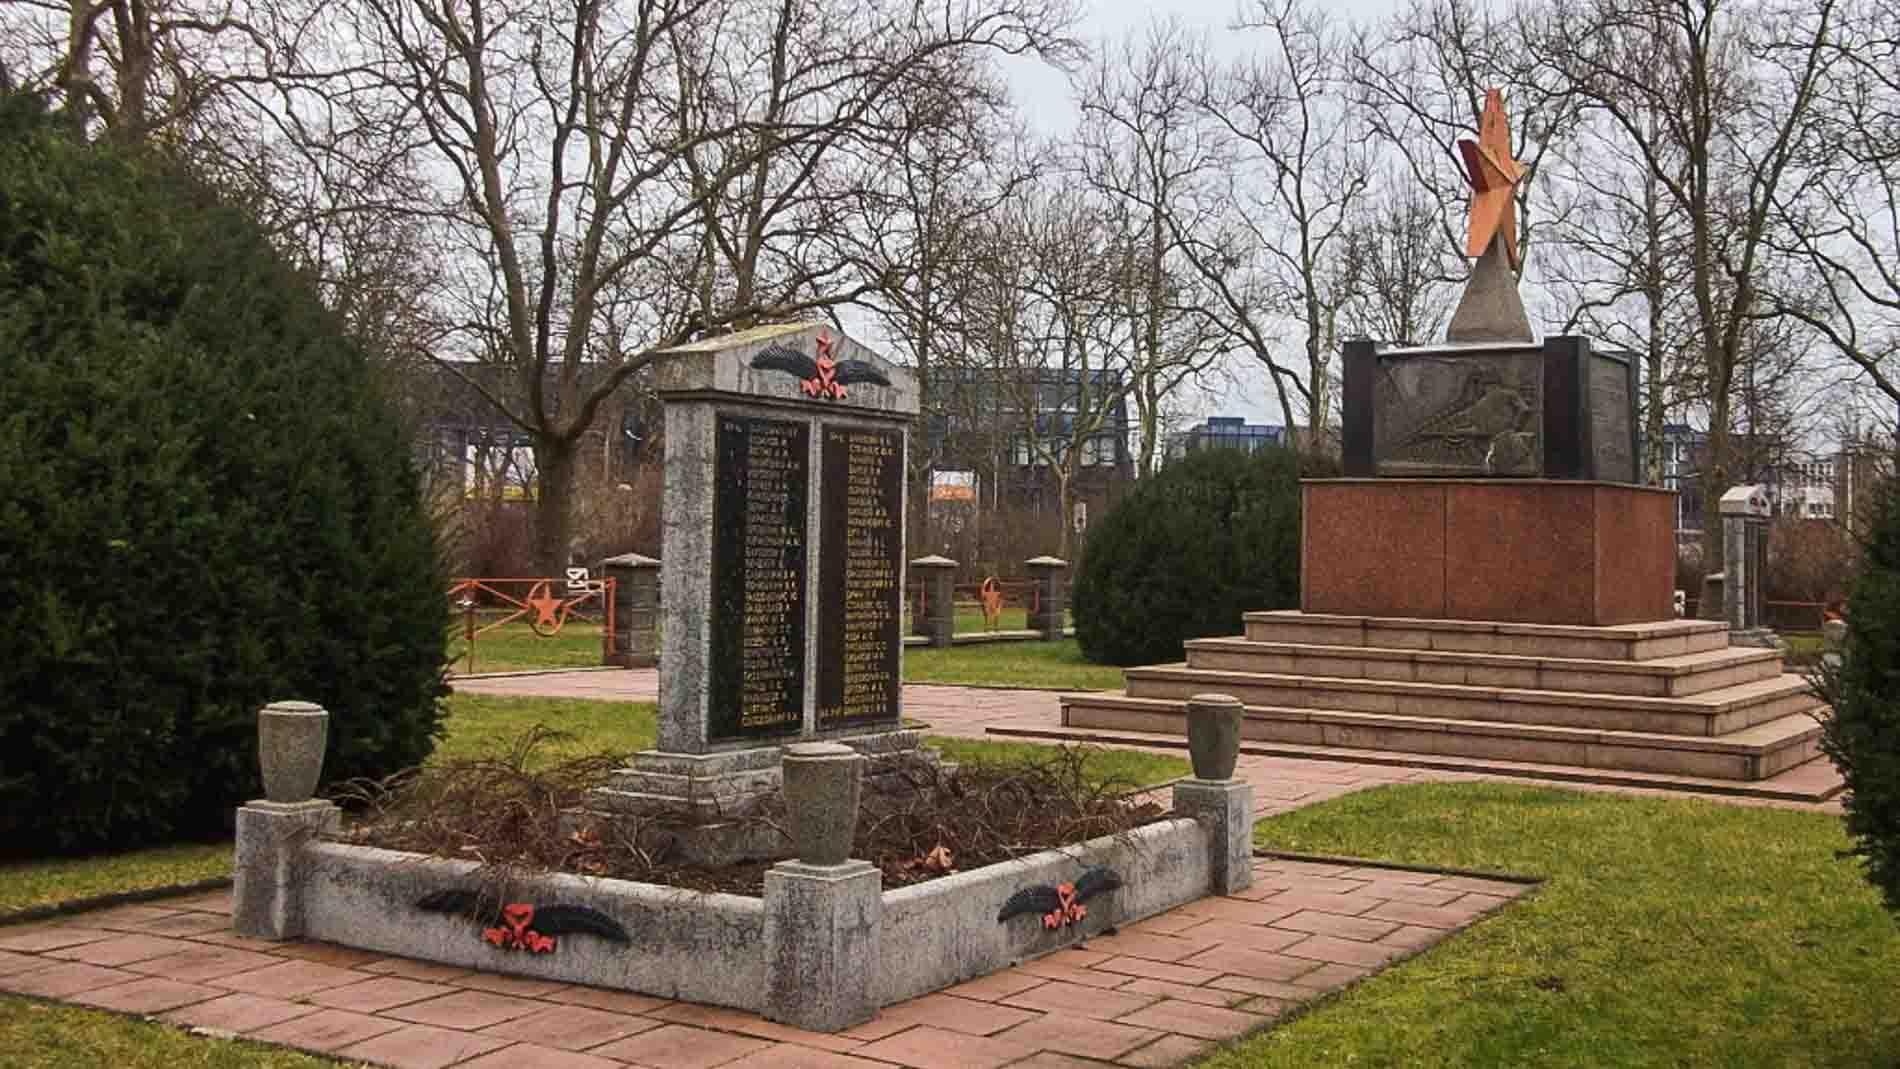 sowjetischer ehrenfriedhof hennigsdorf rathenaupark